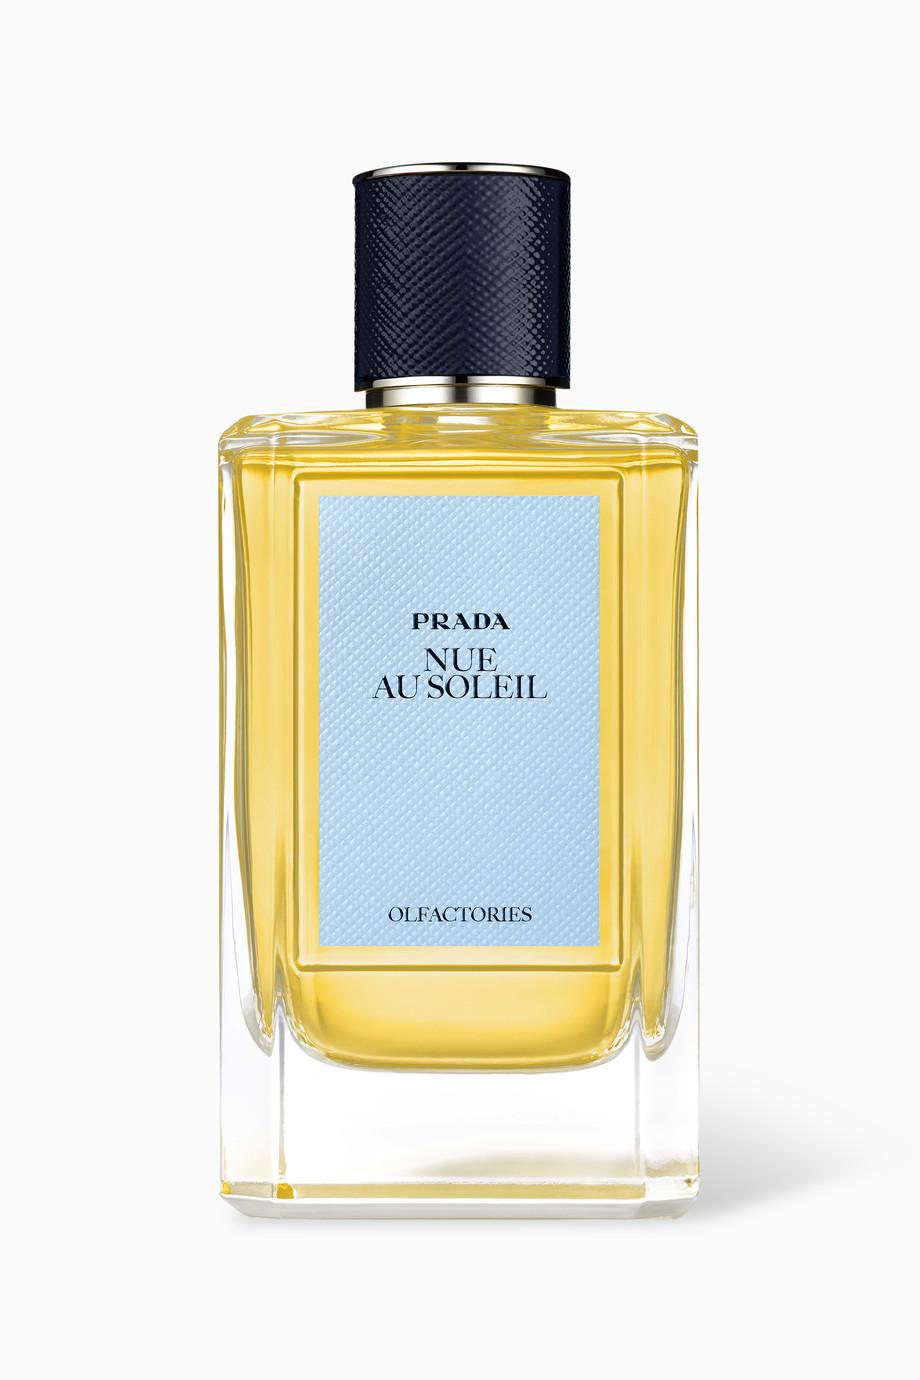 Eau Au De Shop Parfum Nue Olfactories Prada Soeil Multicolour BorCWxde